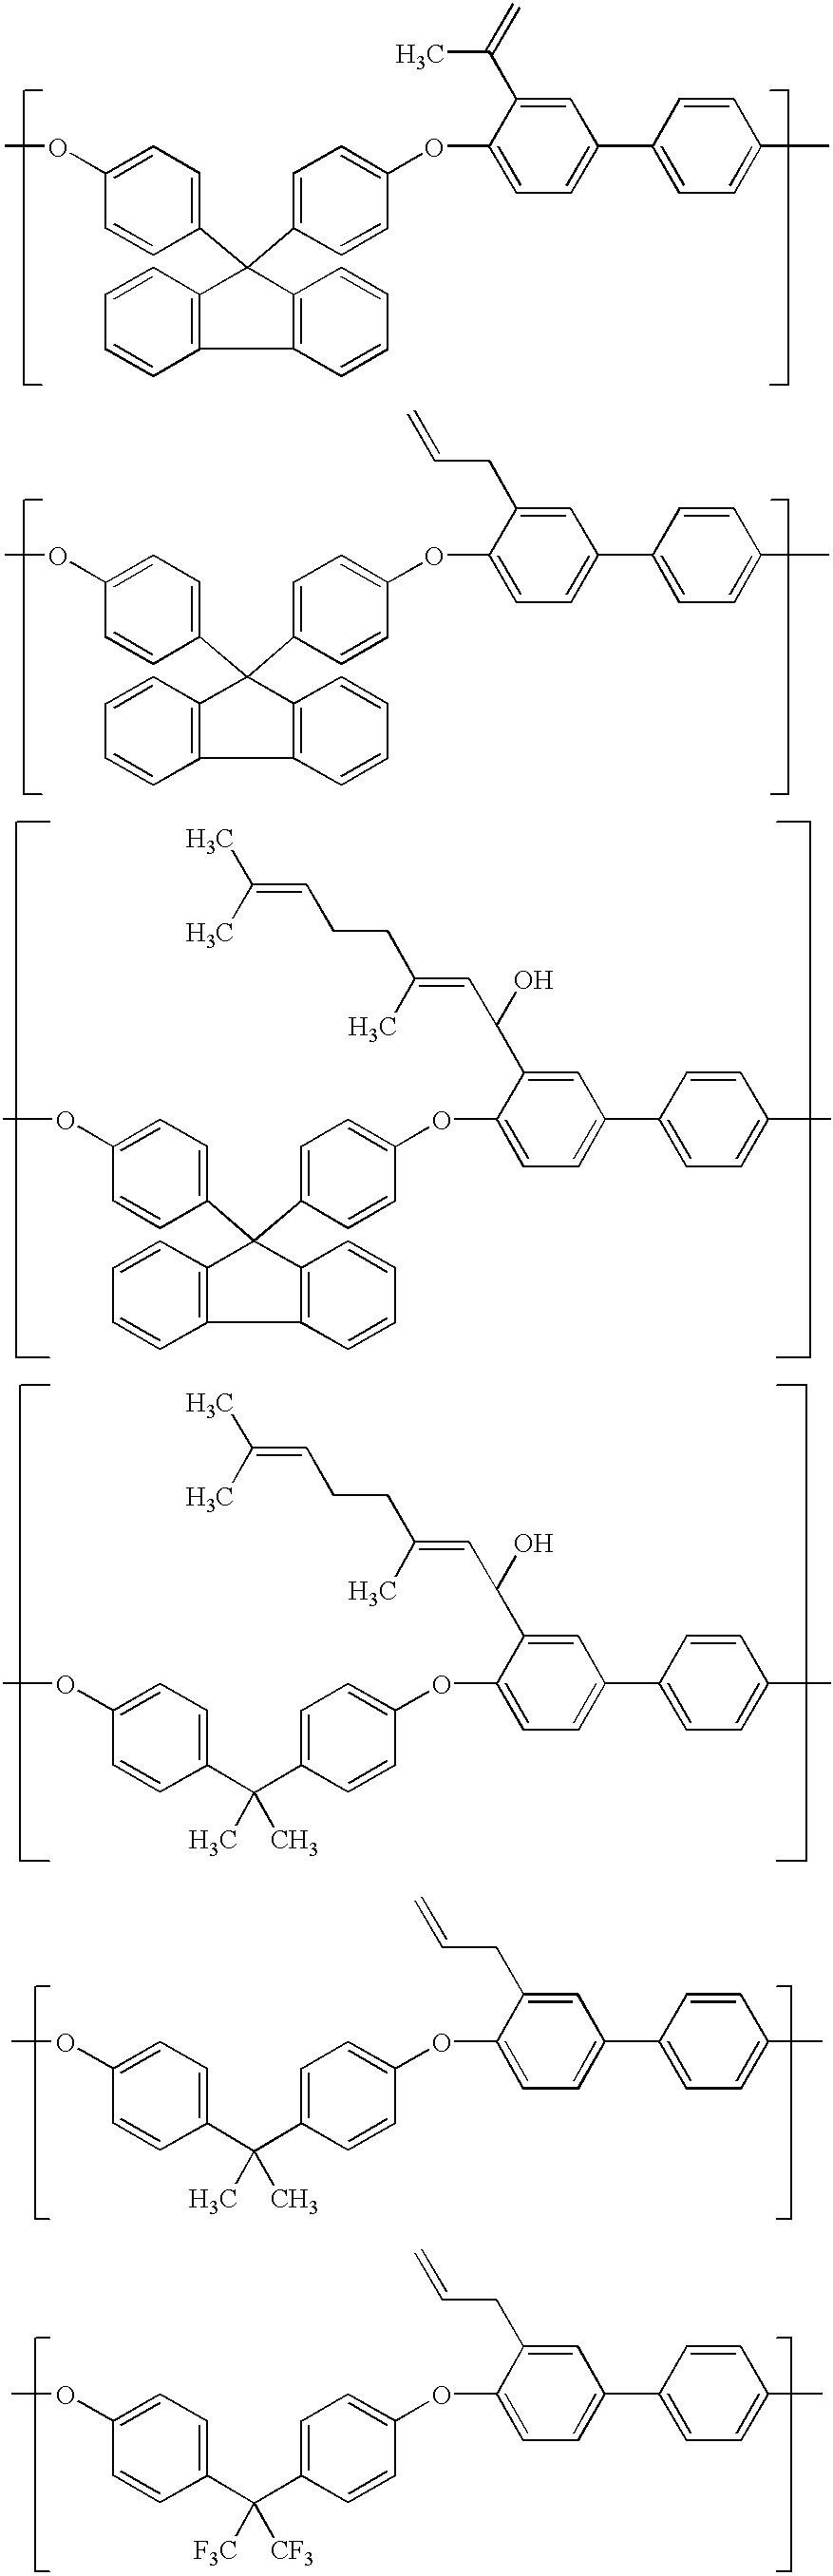 Figure US06716955-20040406-C00030